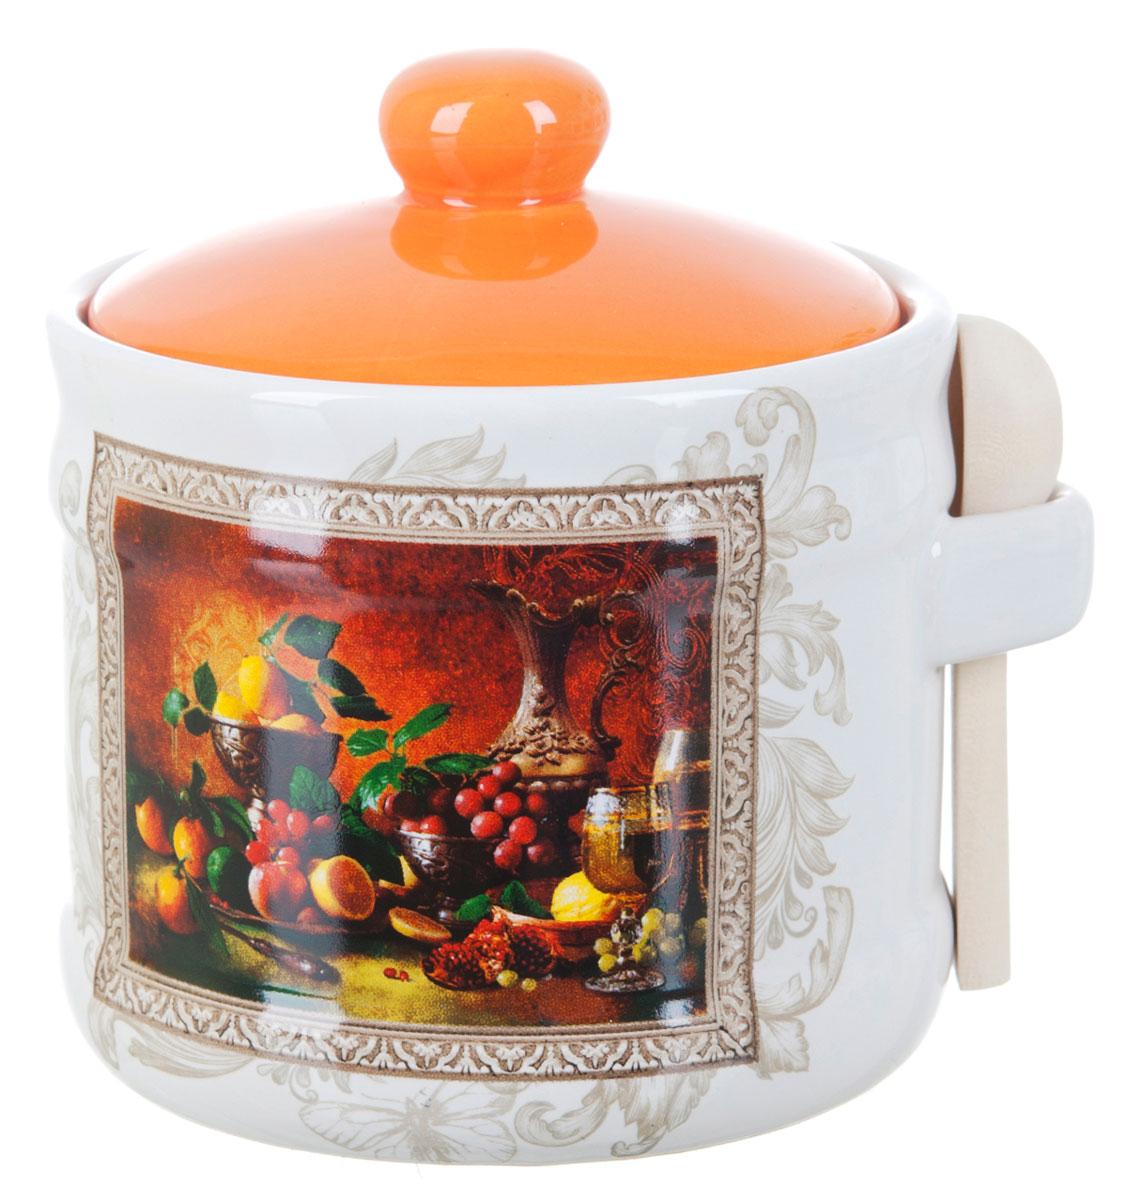 Банка для сыпучих продуктов Polystar Севилья, с ложкой, 400 млL2520558Банка для сыпучих продуктов изготовлена из прочной доломитовой керамики, покрытой слоем сверкающей гладкой глазури. Изделие оформлено красочным изображением. В комплект входит деревянная ложечка. Банка прекрасно подойдет для хранения различных сыпучих продуктов: чая, кофе, сахара, круп и многого другого. Изящная емкость не только поможет хранить разнообразные сыпучие продукты, но и стильно дополнит интерьер кухни. Изделие подходит для использования в посудомоечной машине и в холодильнике.